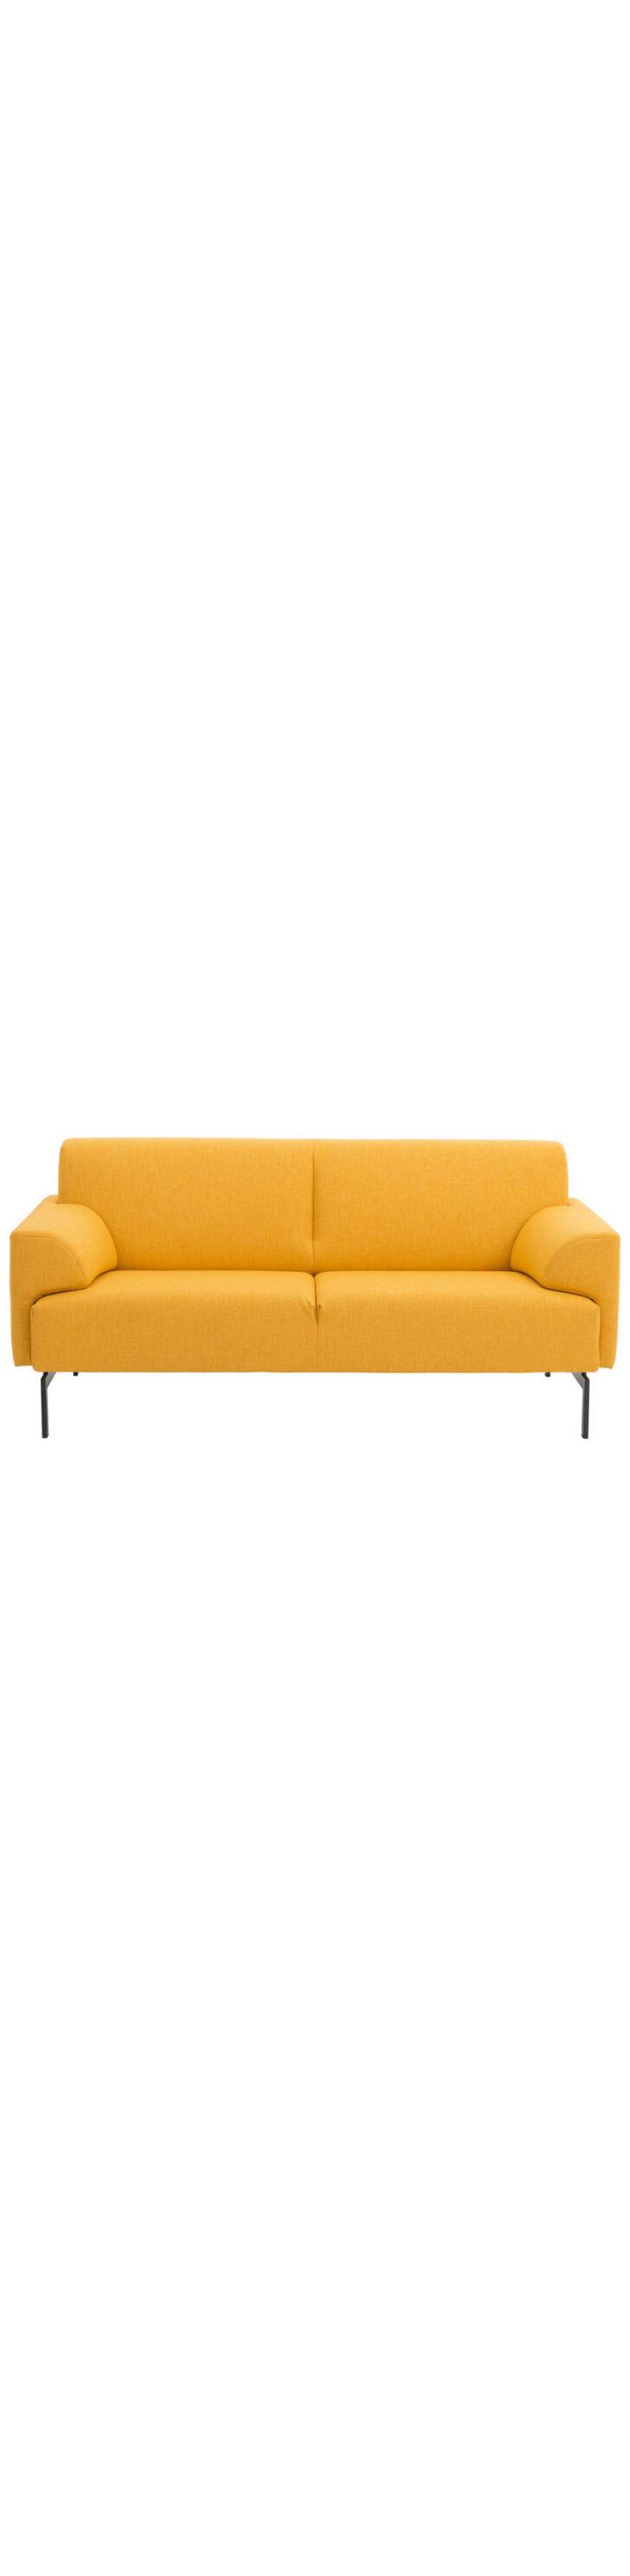 Medium Size of Indomo Sofa Große Kissen Zweisitzer Chesterfield Günstig Englisches 3 Teilig Big Xxl W Schillig Altes Landhaus Hussen Für Sitzer In L Form Sofa Benz Sofa